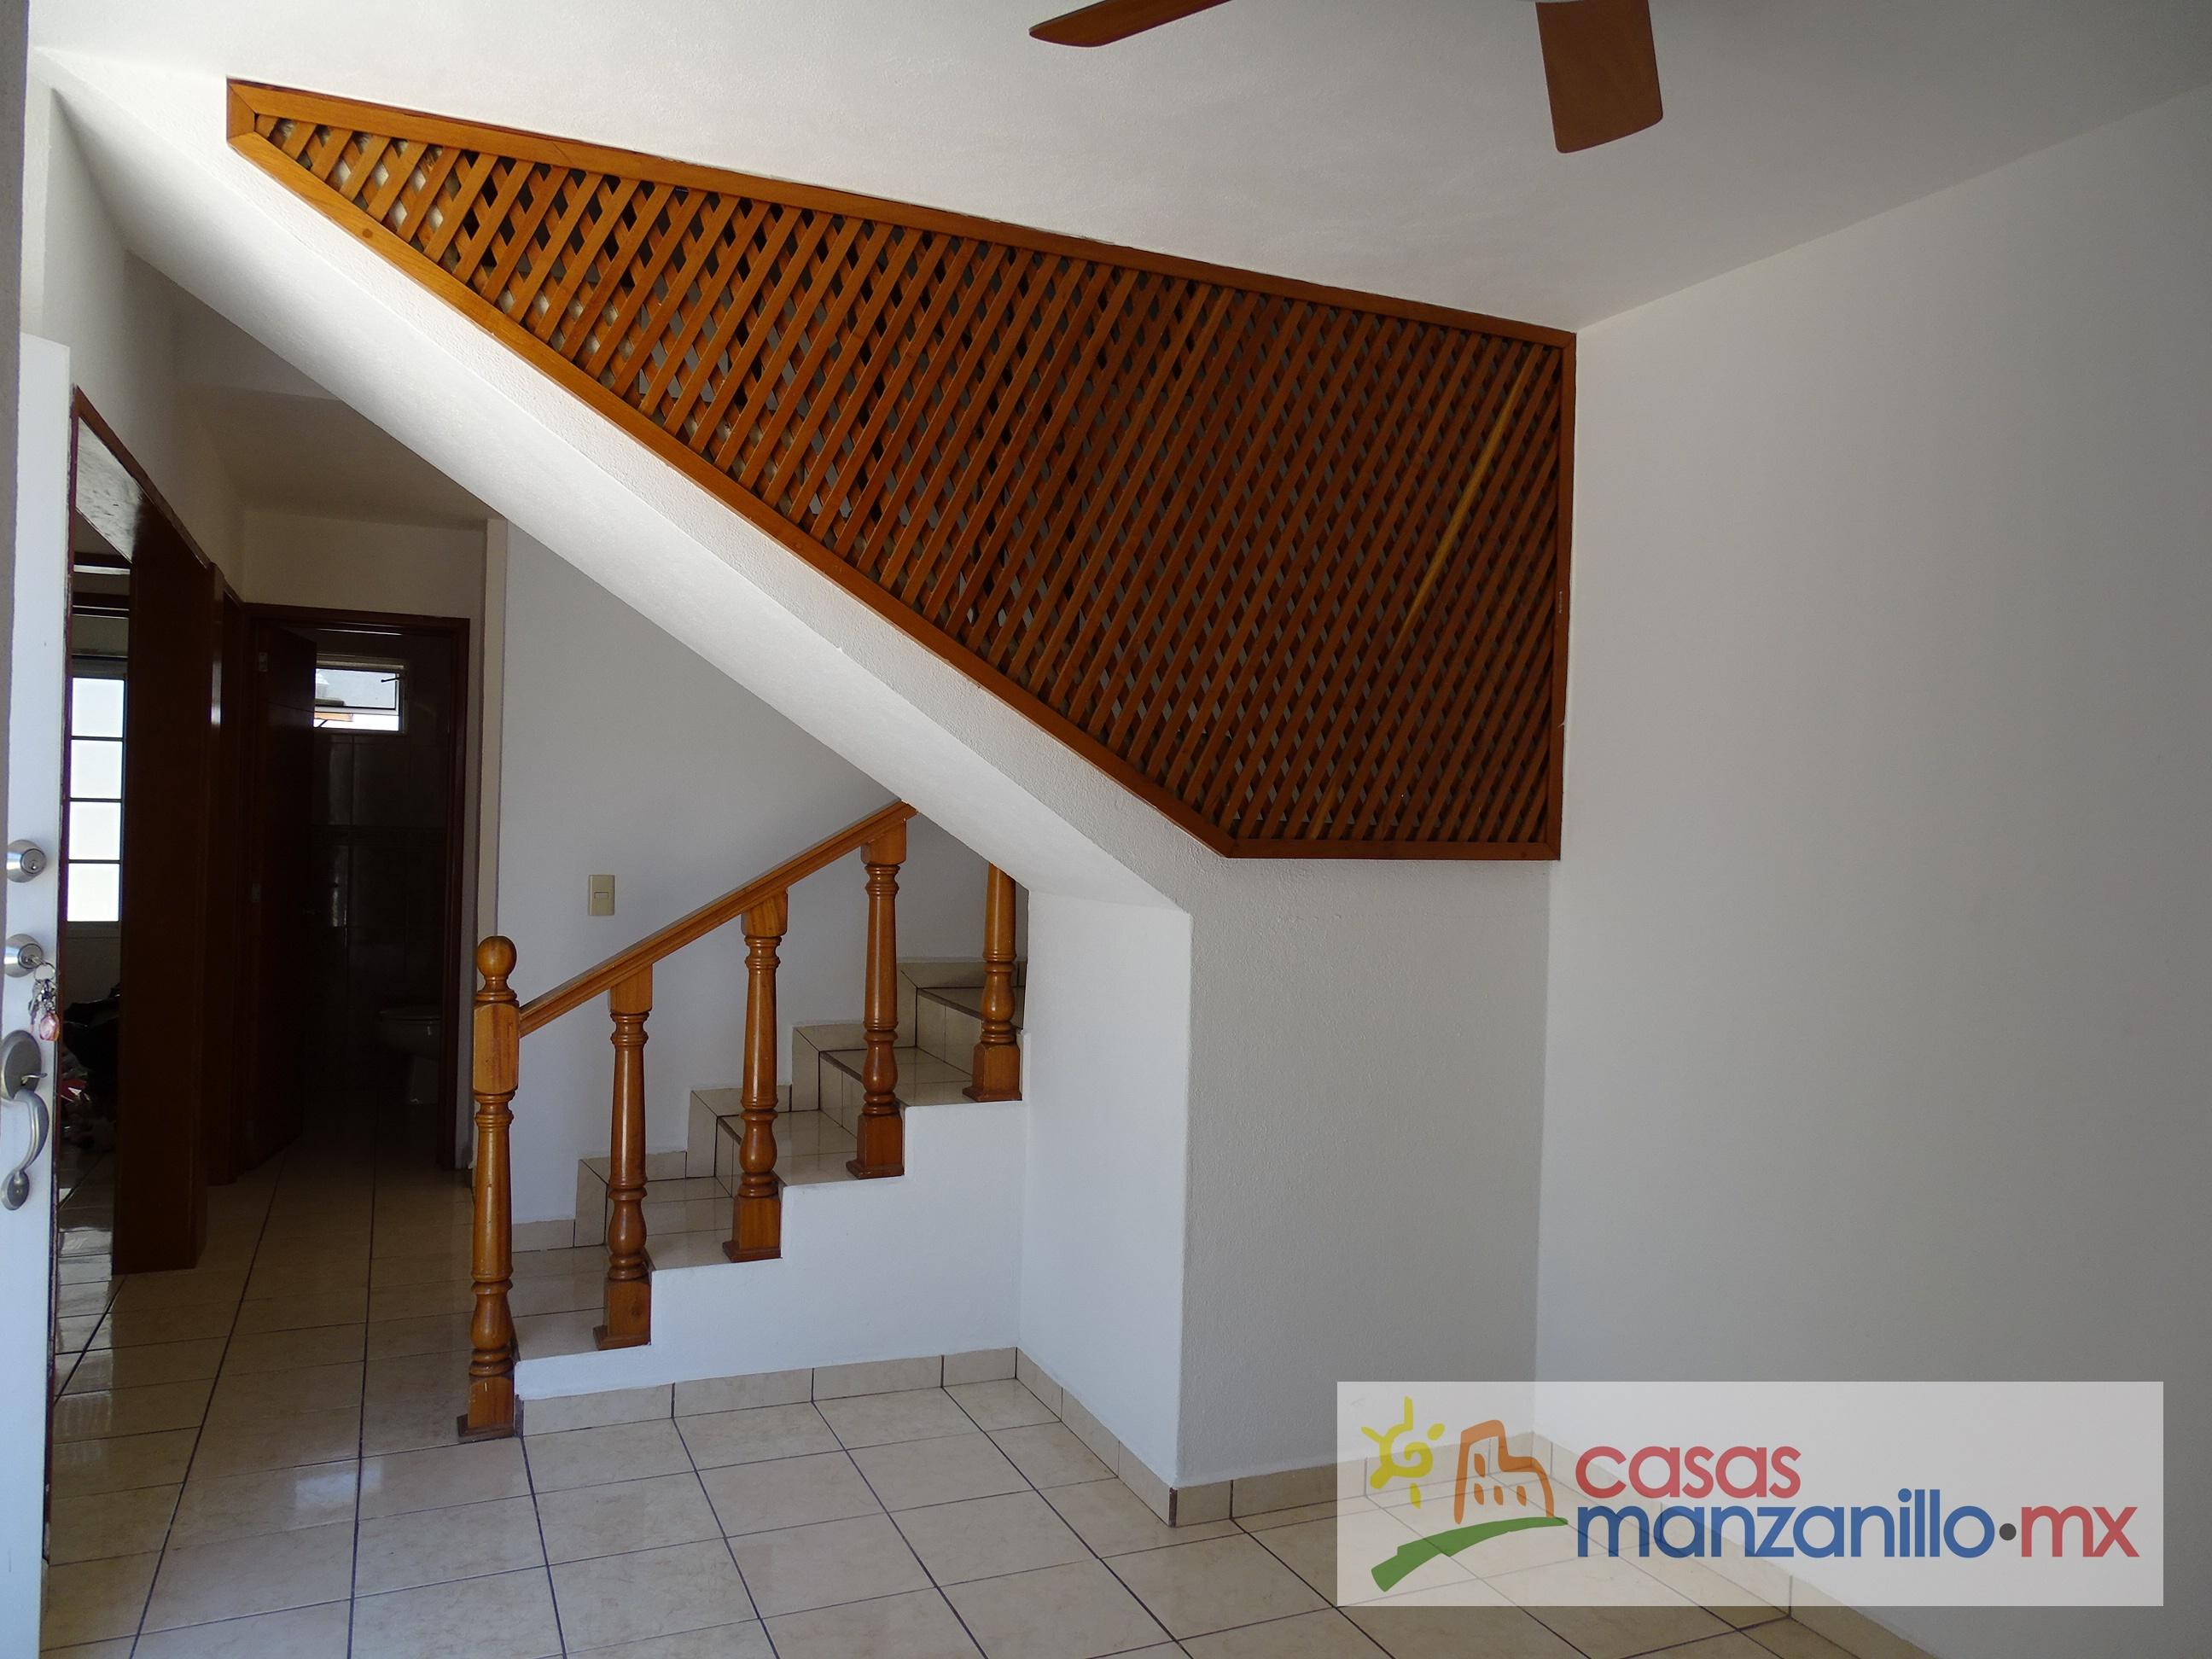 Casas VENTA Manzanillo - La Joya (33)